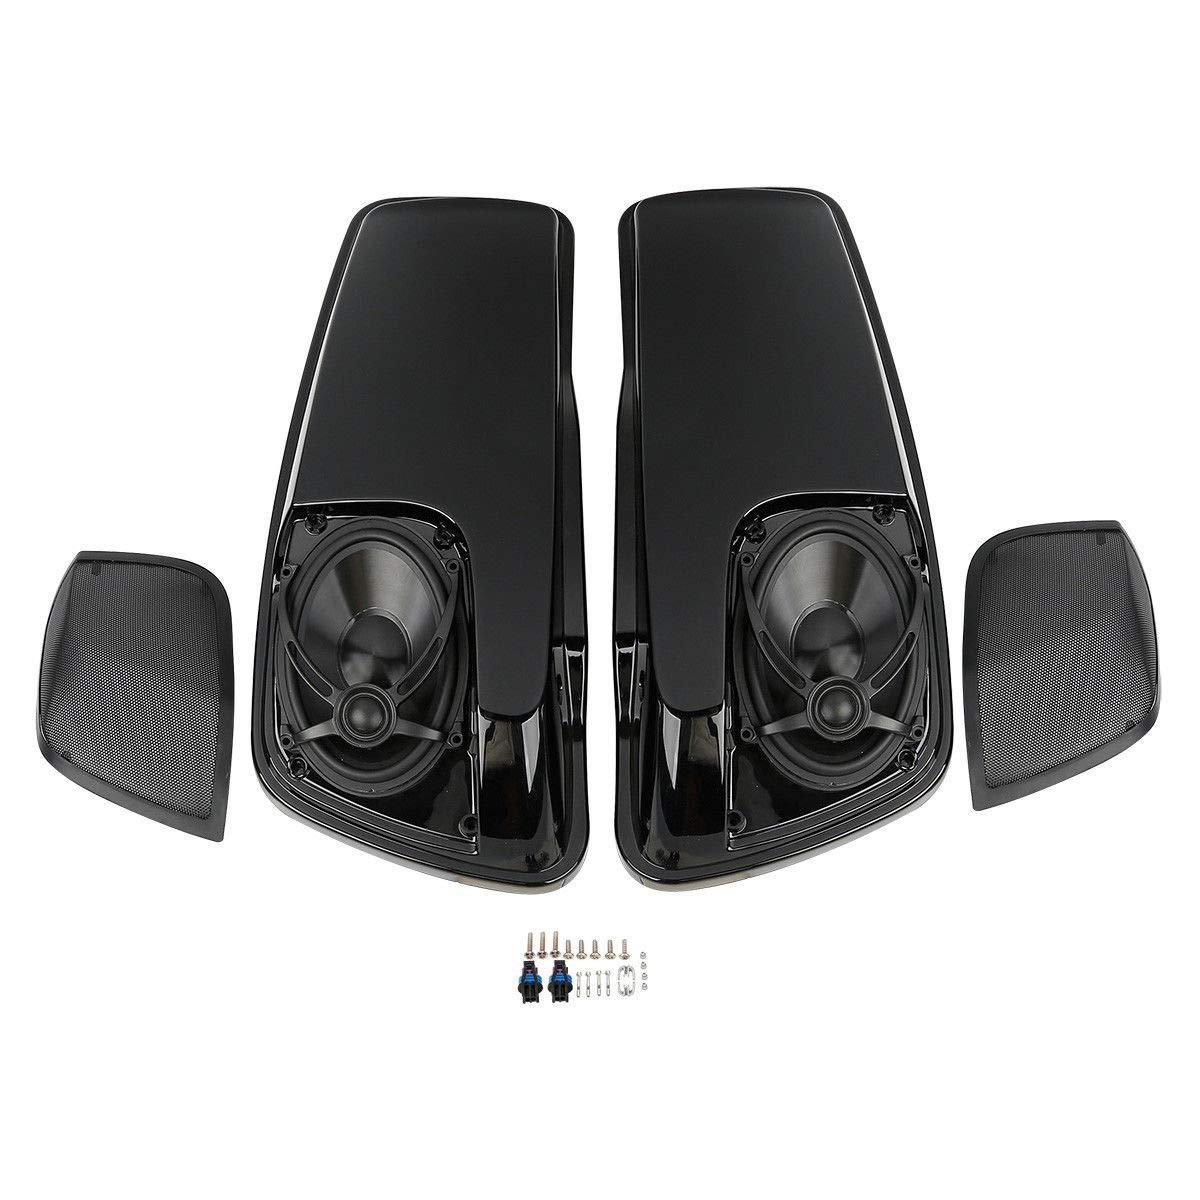 XFMT 5x7'' Saddlebag Lid Speaker w/Grill for Harley Touring FLT FLHT FLHTCU 2014-2017